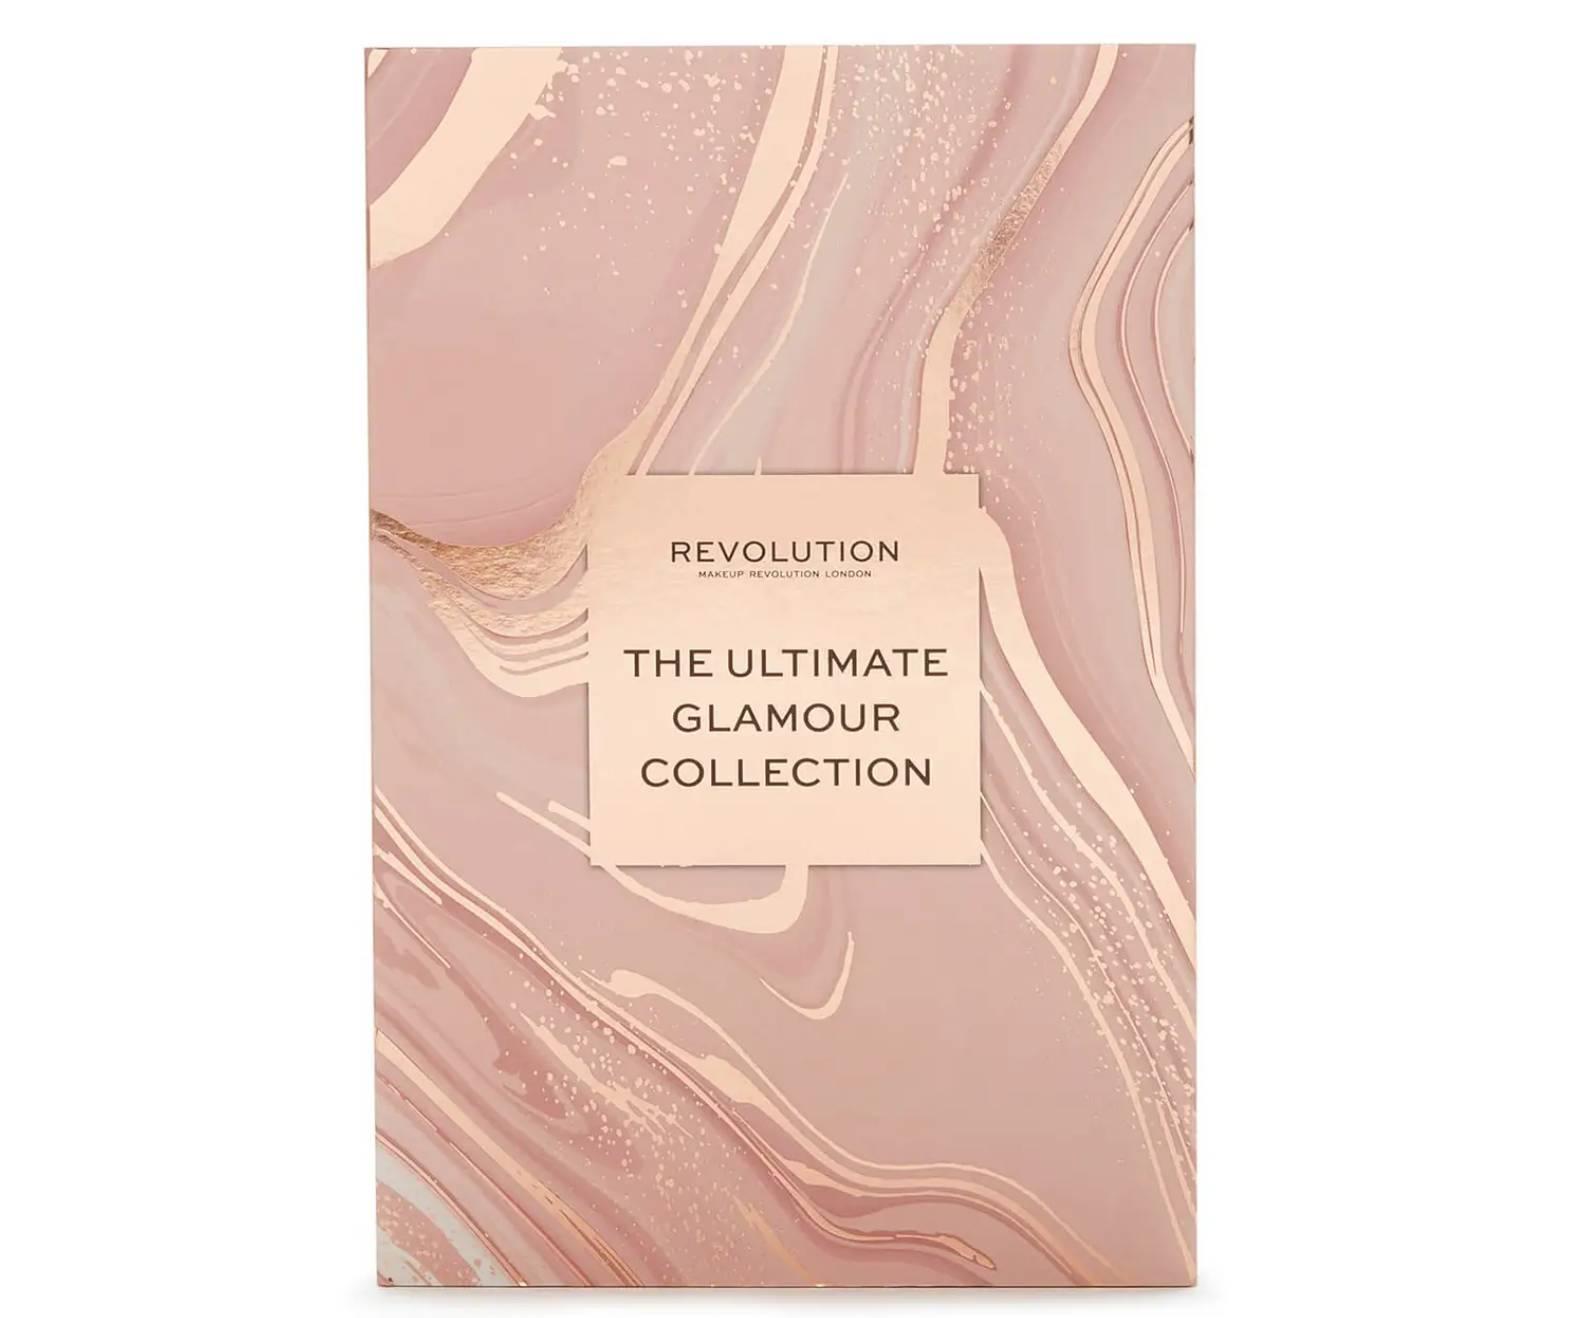 Calendario Ultimate Glamour Collection de Revolution 2021